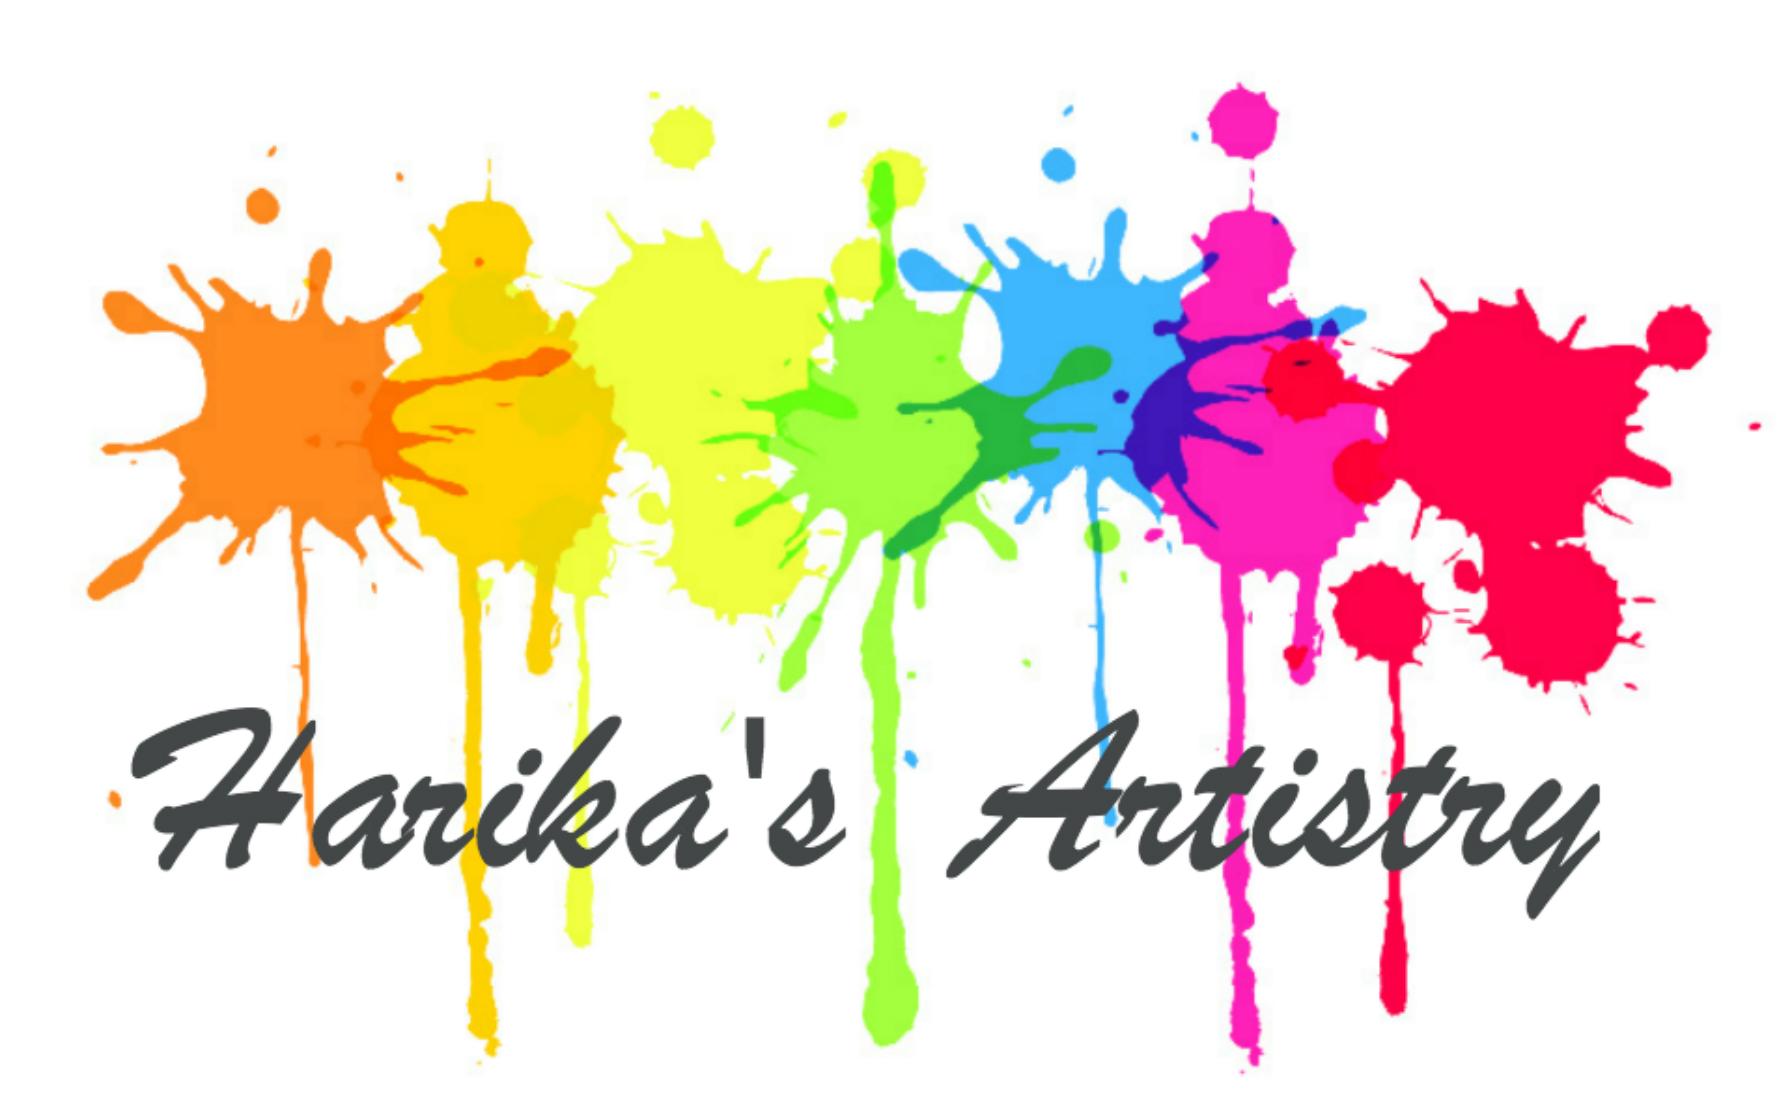 Harika's Artistry